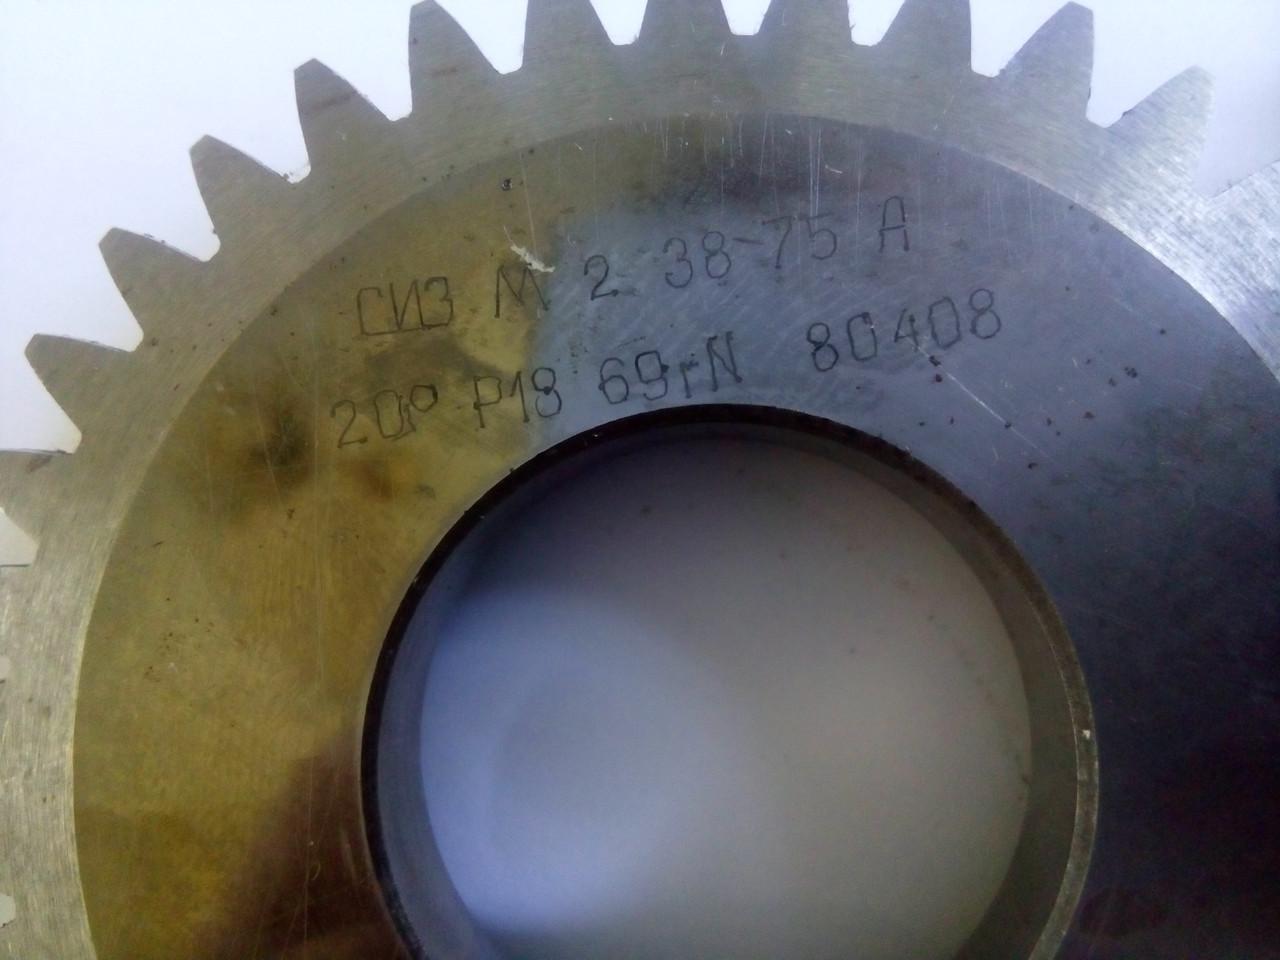 Долбяк дисковый М 2 z38 d20 град  P18 дел. диаметр75